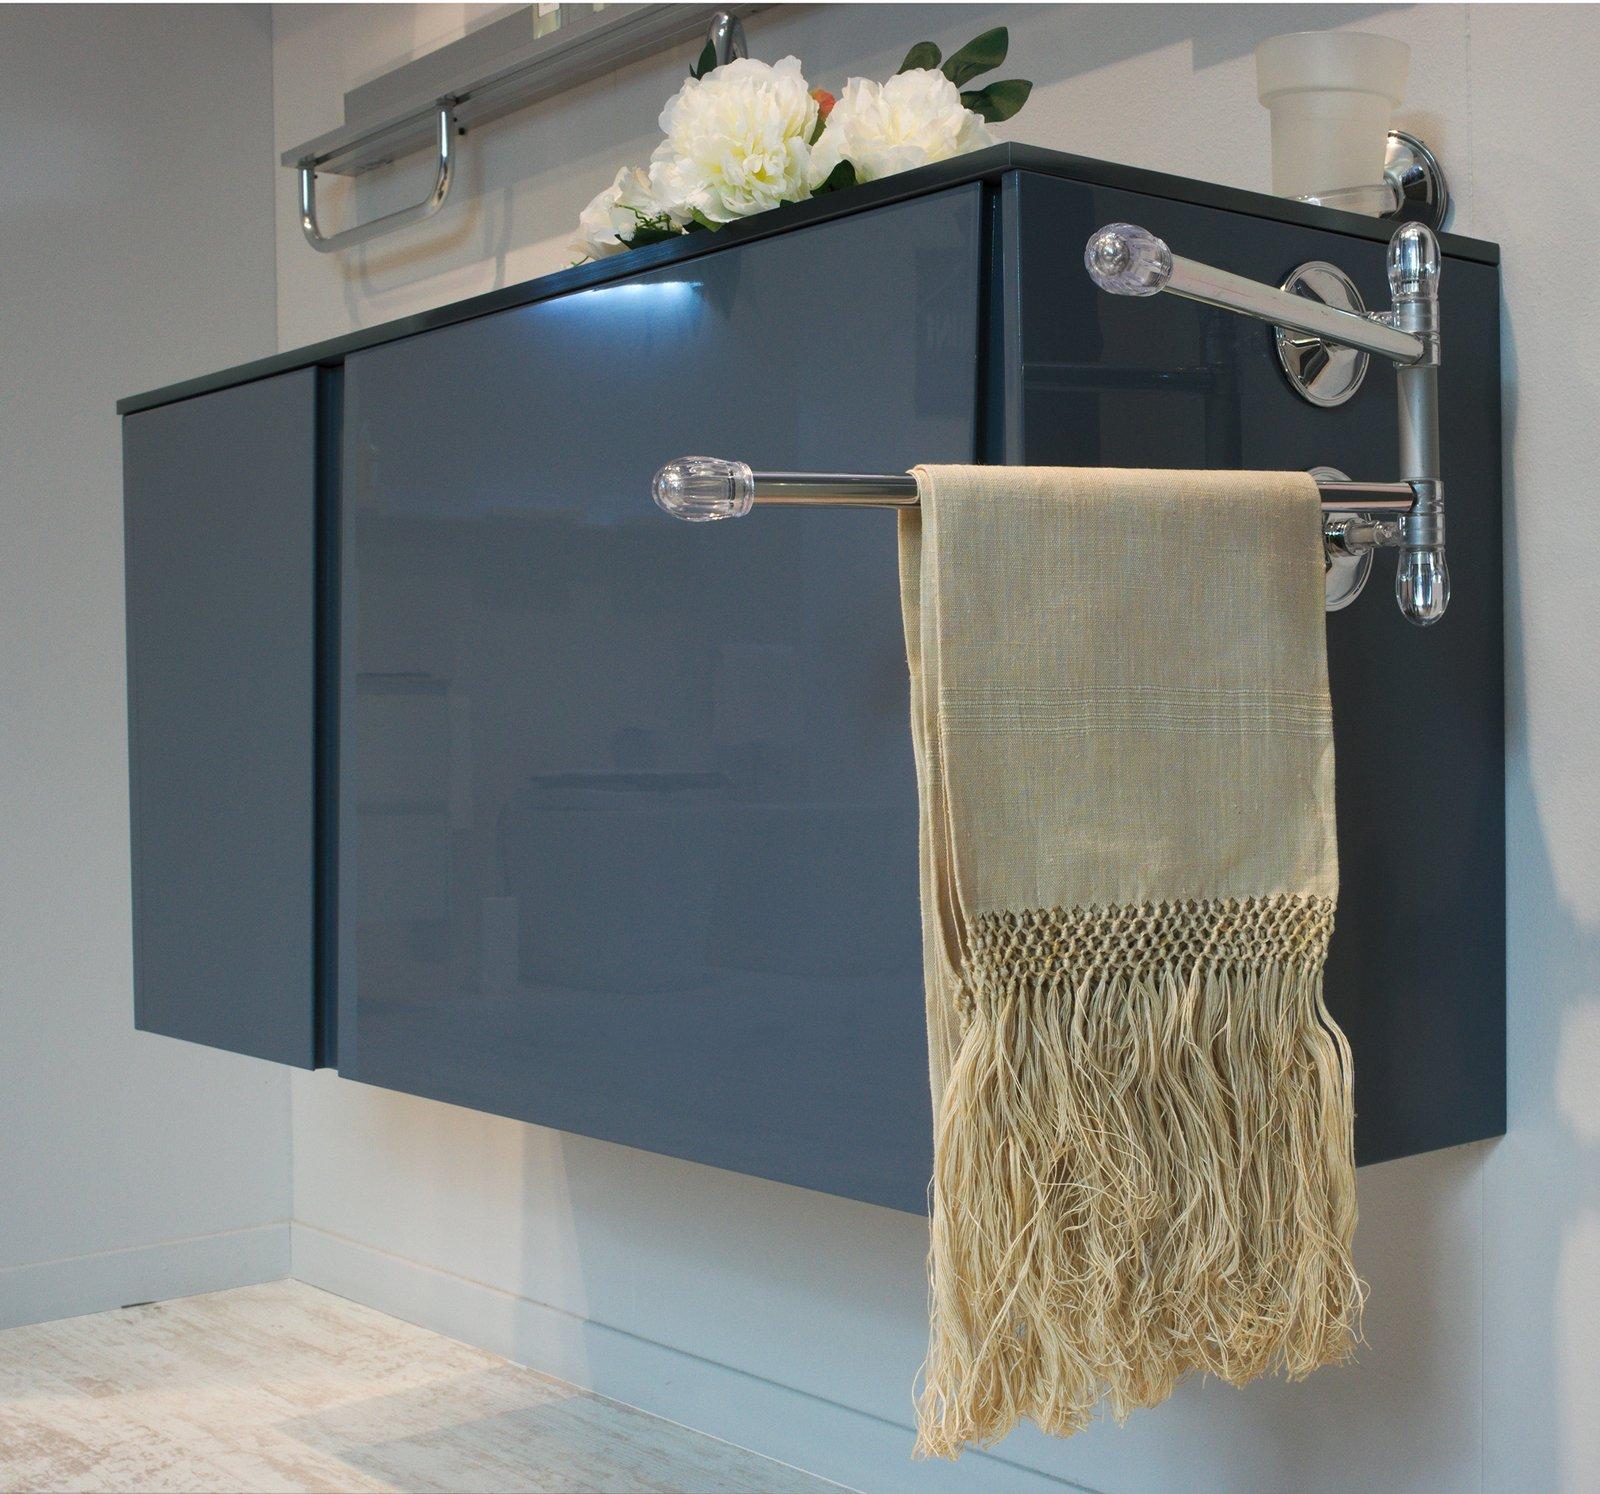 Portasciugamani per il bagno cose di casa - Mobile asciugamani bagno ...